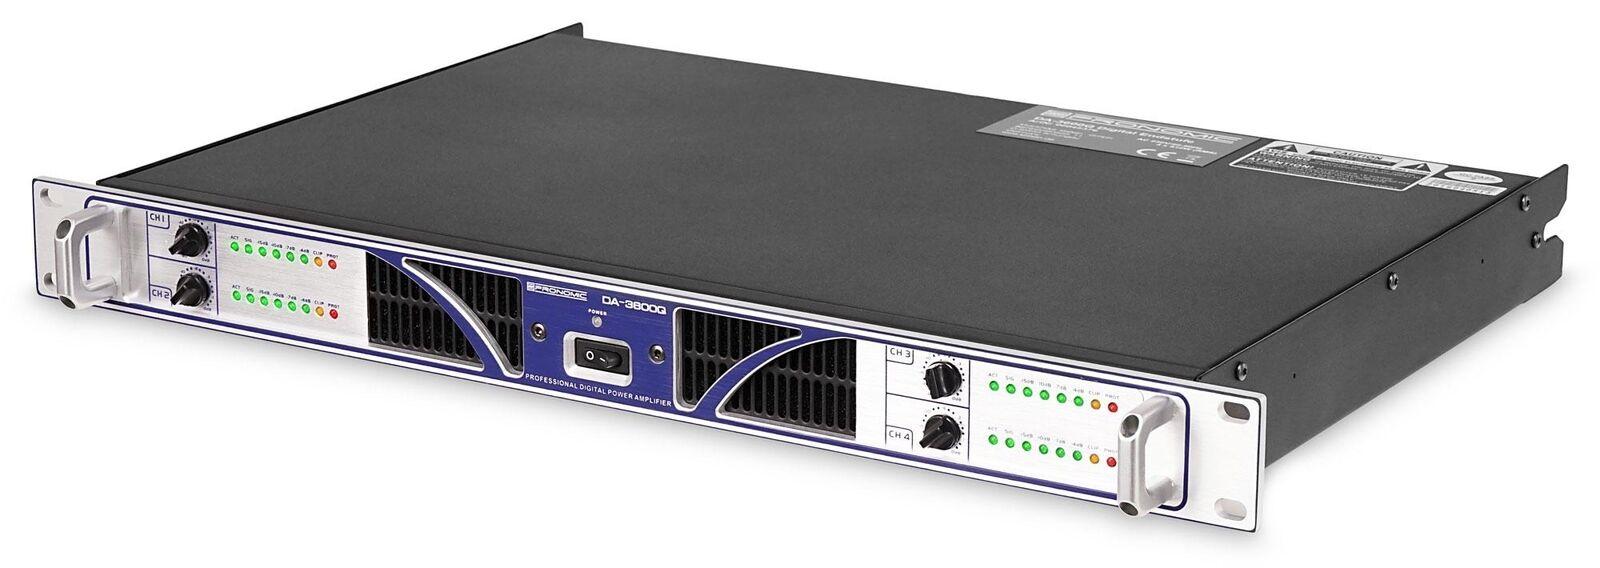 Profi PA DJ Endstufe Verstärker Amplifier 4x 910 Watt RMS Studio Live Monitoring